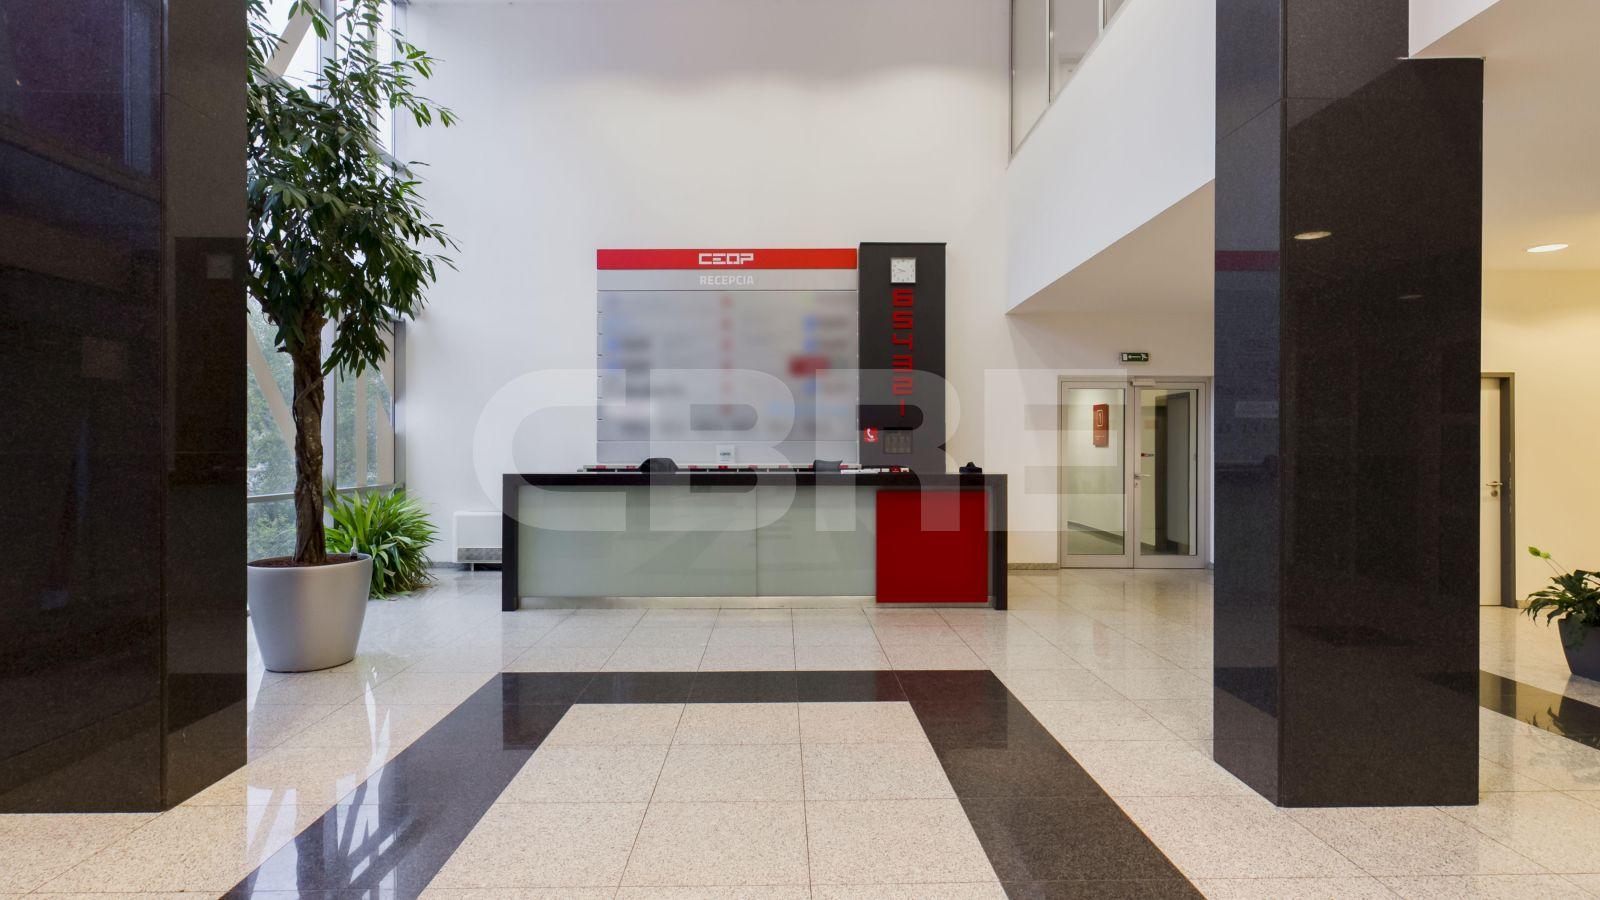 Slávičie údolie 106, Bratislava - Staré Mesto | Offices for rent by CBRE | 4